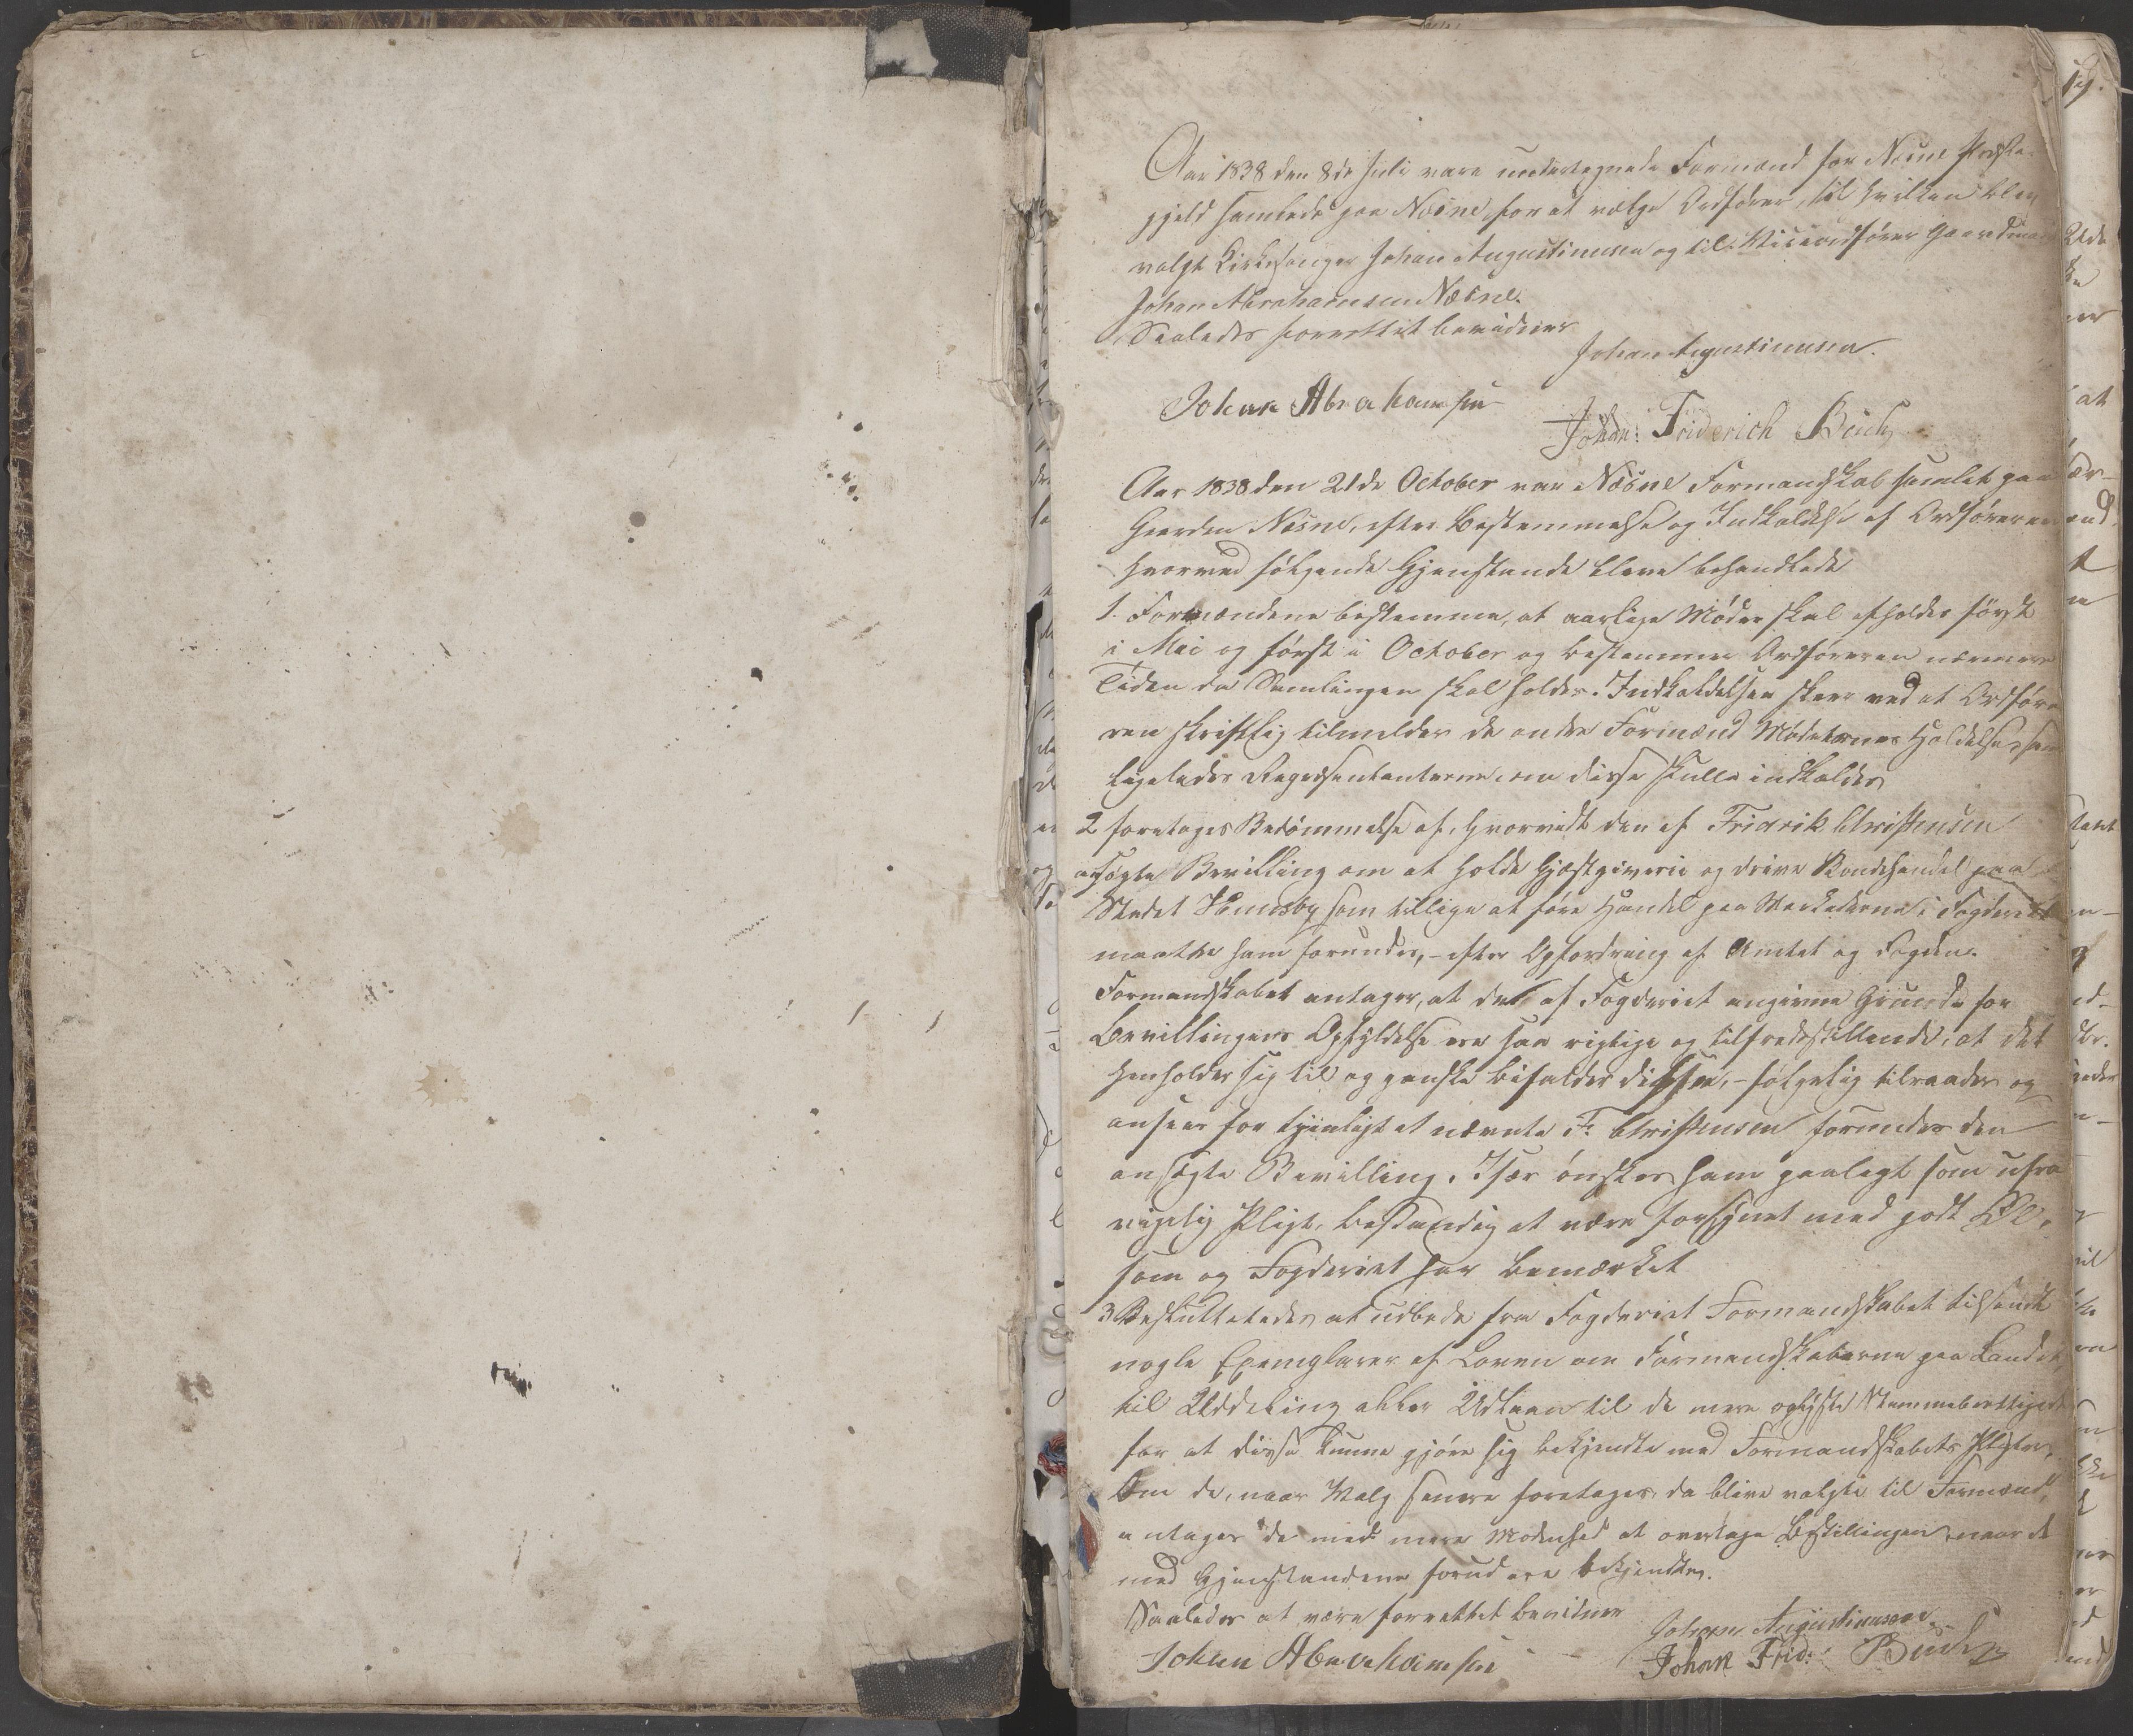 AIN, Nesna kommune. Formannskapet, 100/L0001: Møtebok, 1838-1873, s. 1